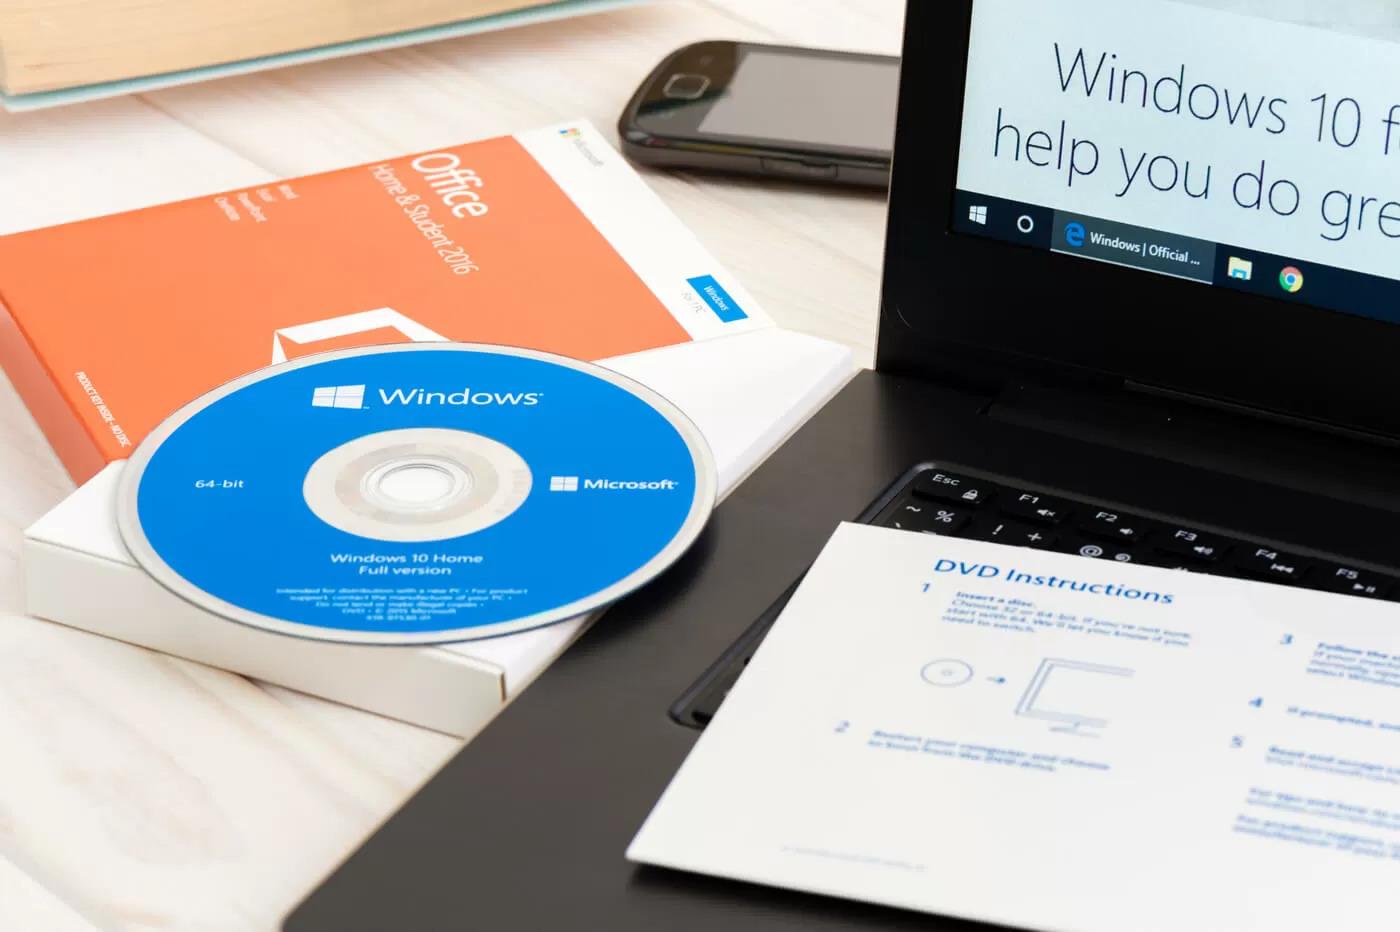 猜猜看目前 Windows 7 還有多少市佔率?還有近 25% 的裝置從沒升級系統